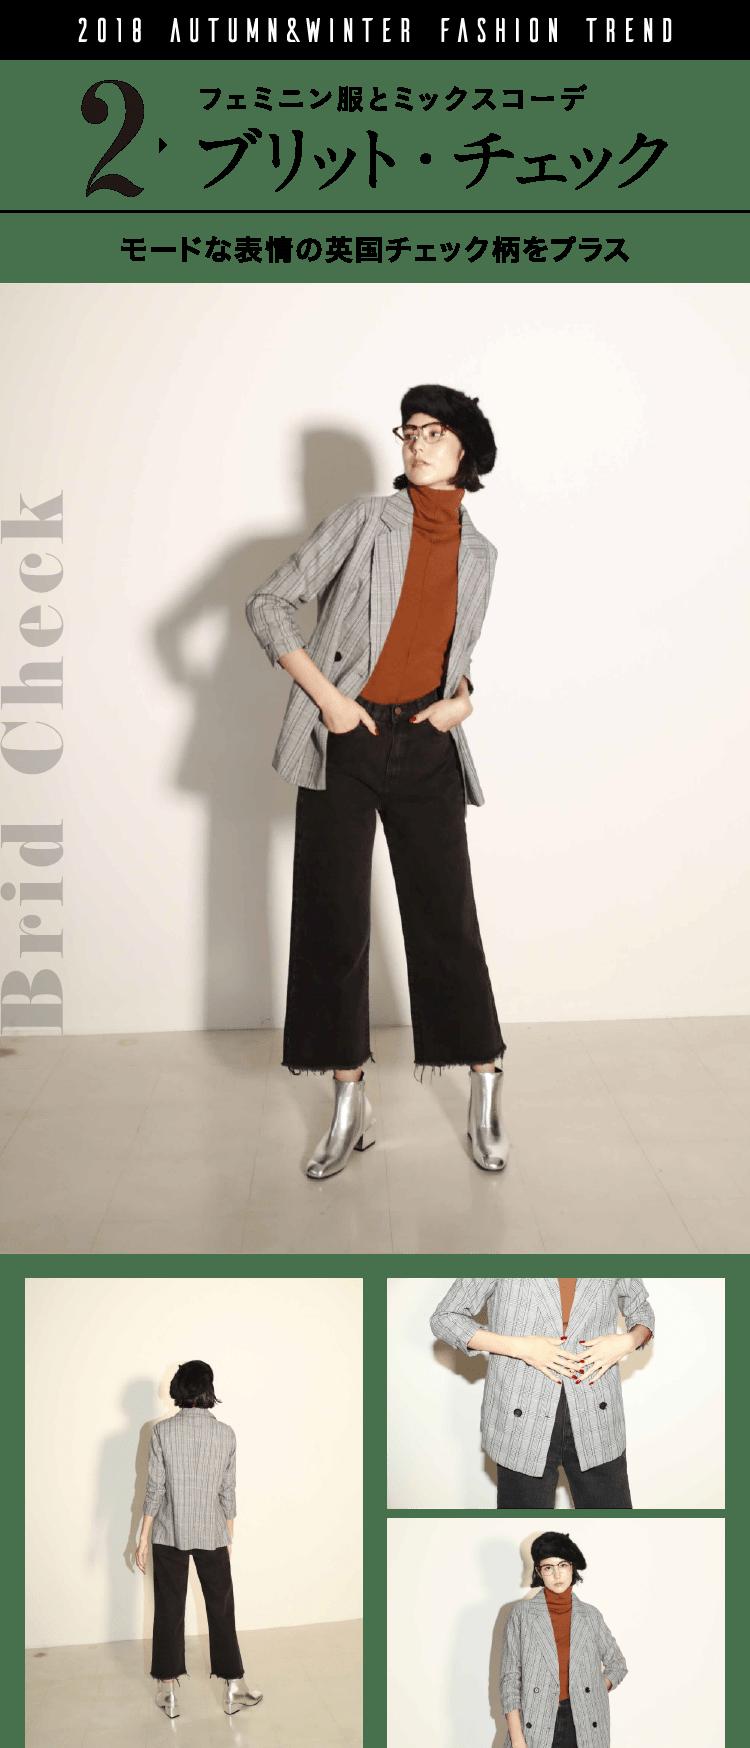 フェミニン服とミックス ブリット・チェック モードな表情の英国チェック柄をプラス